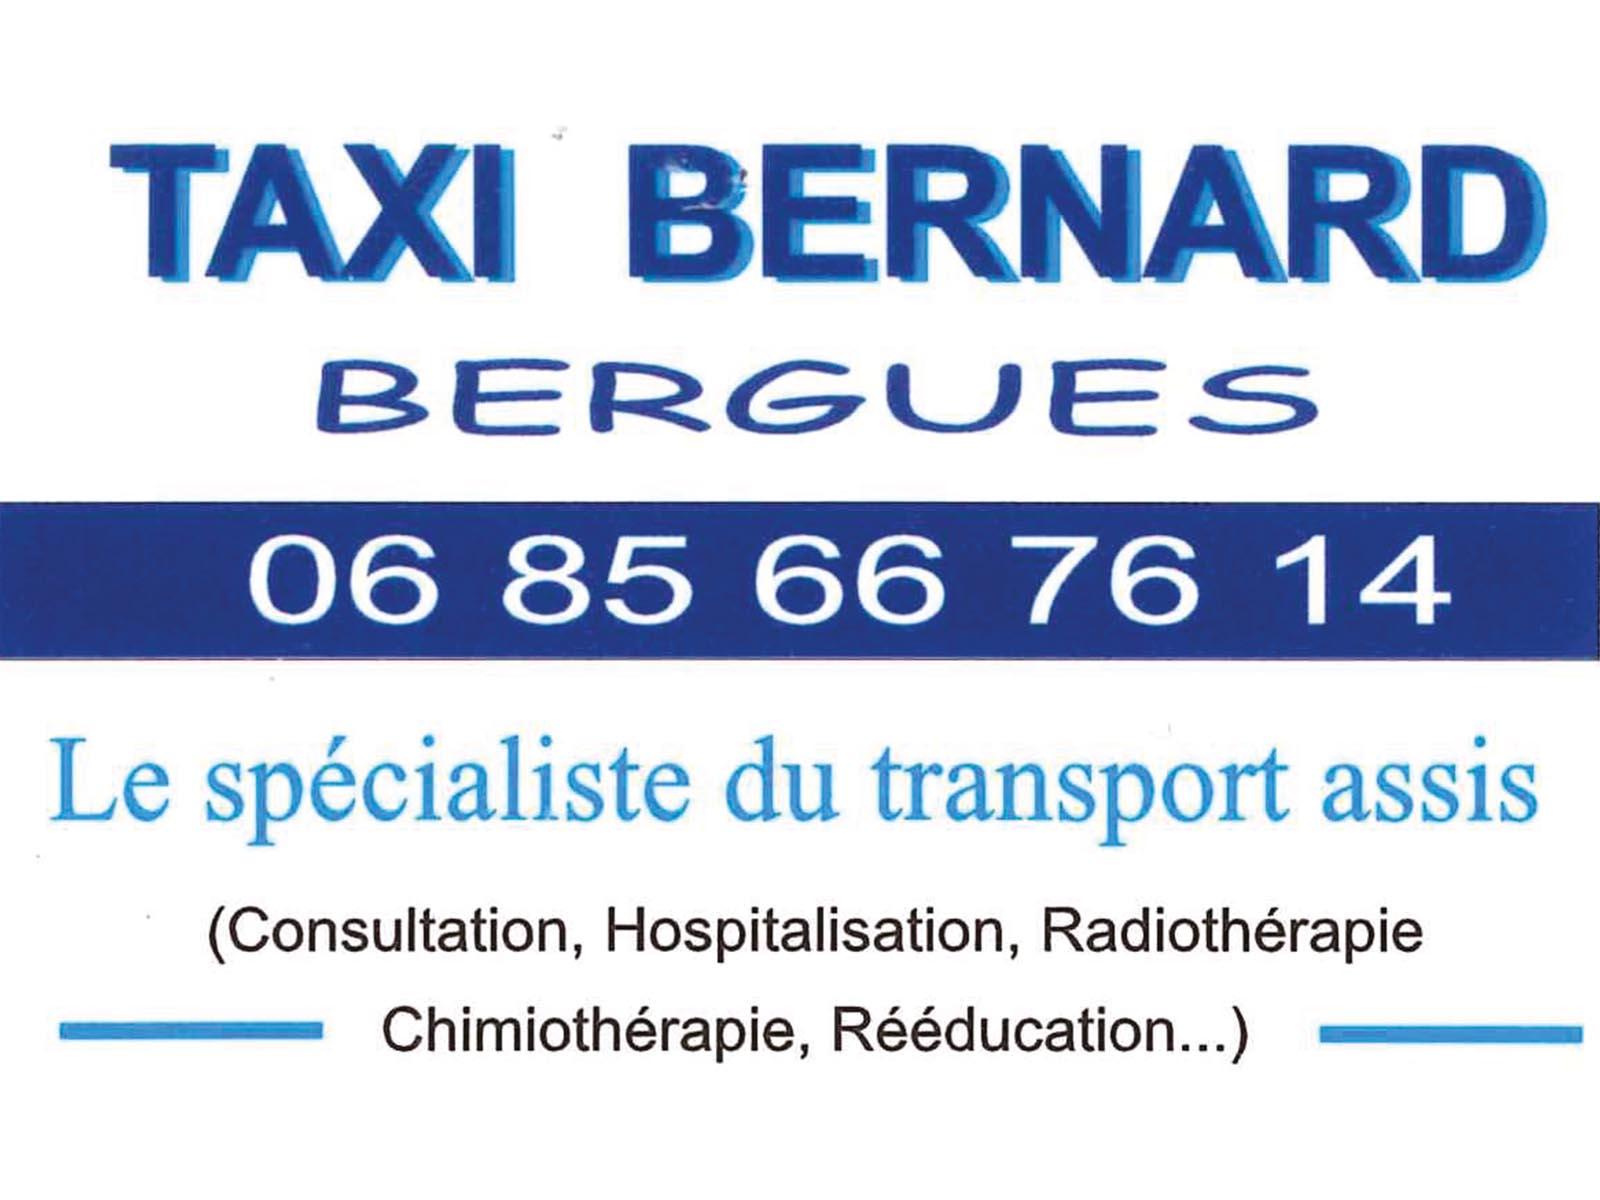 commerces-taxi-bernard-bergues.jpg